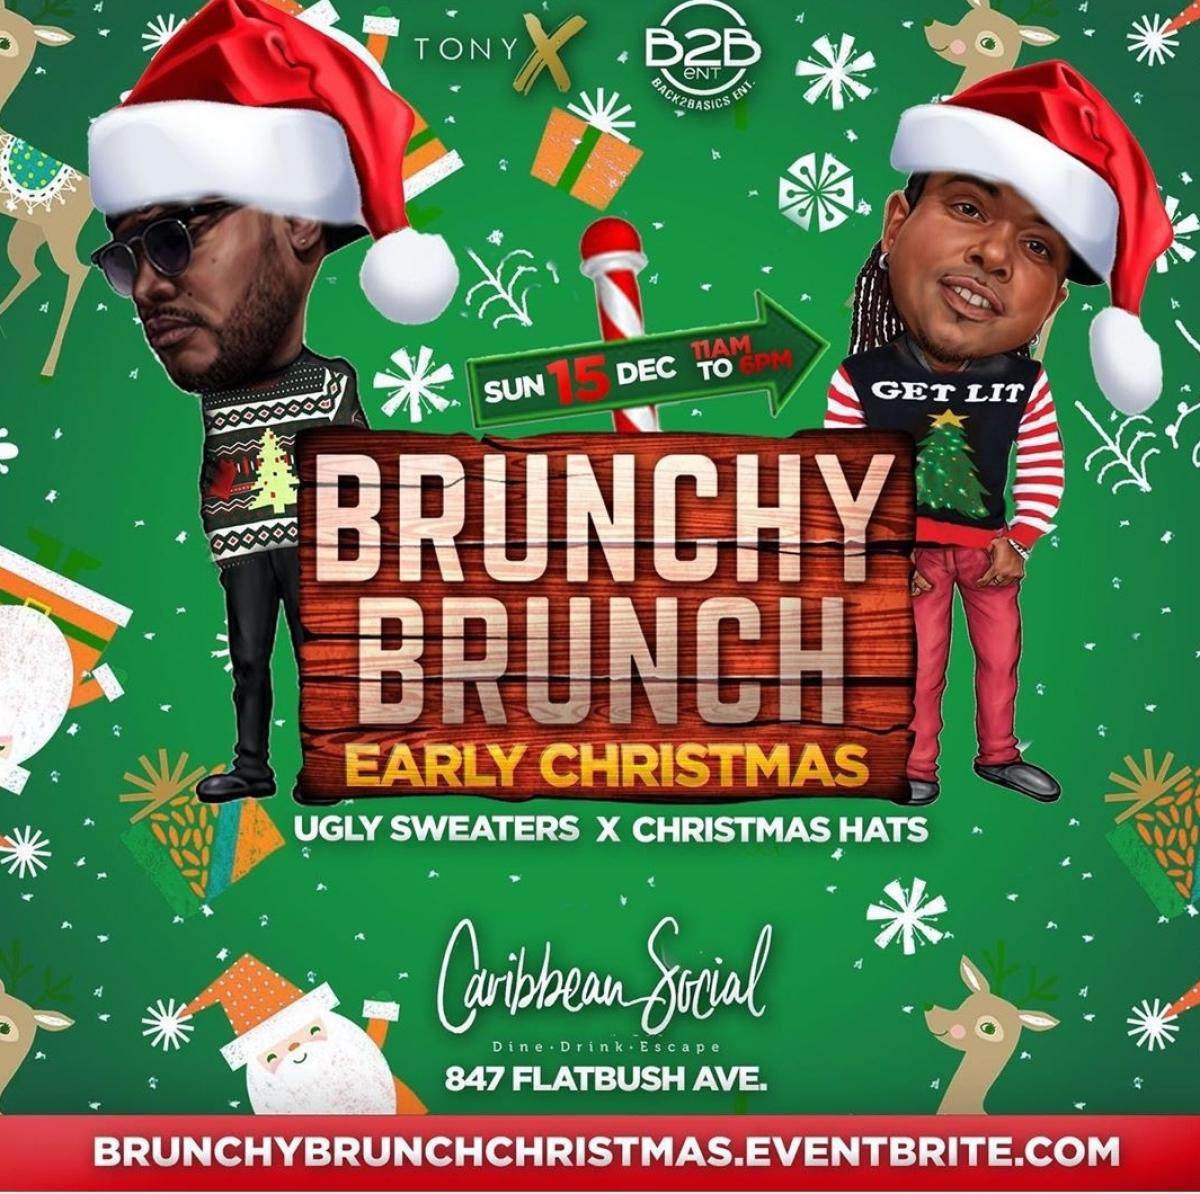 Brunchy Brunch flyer or graphic.